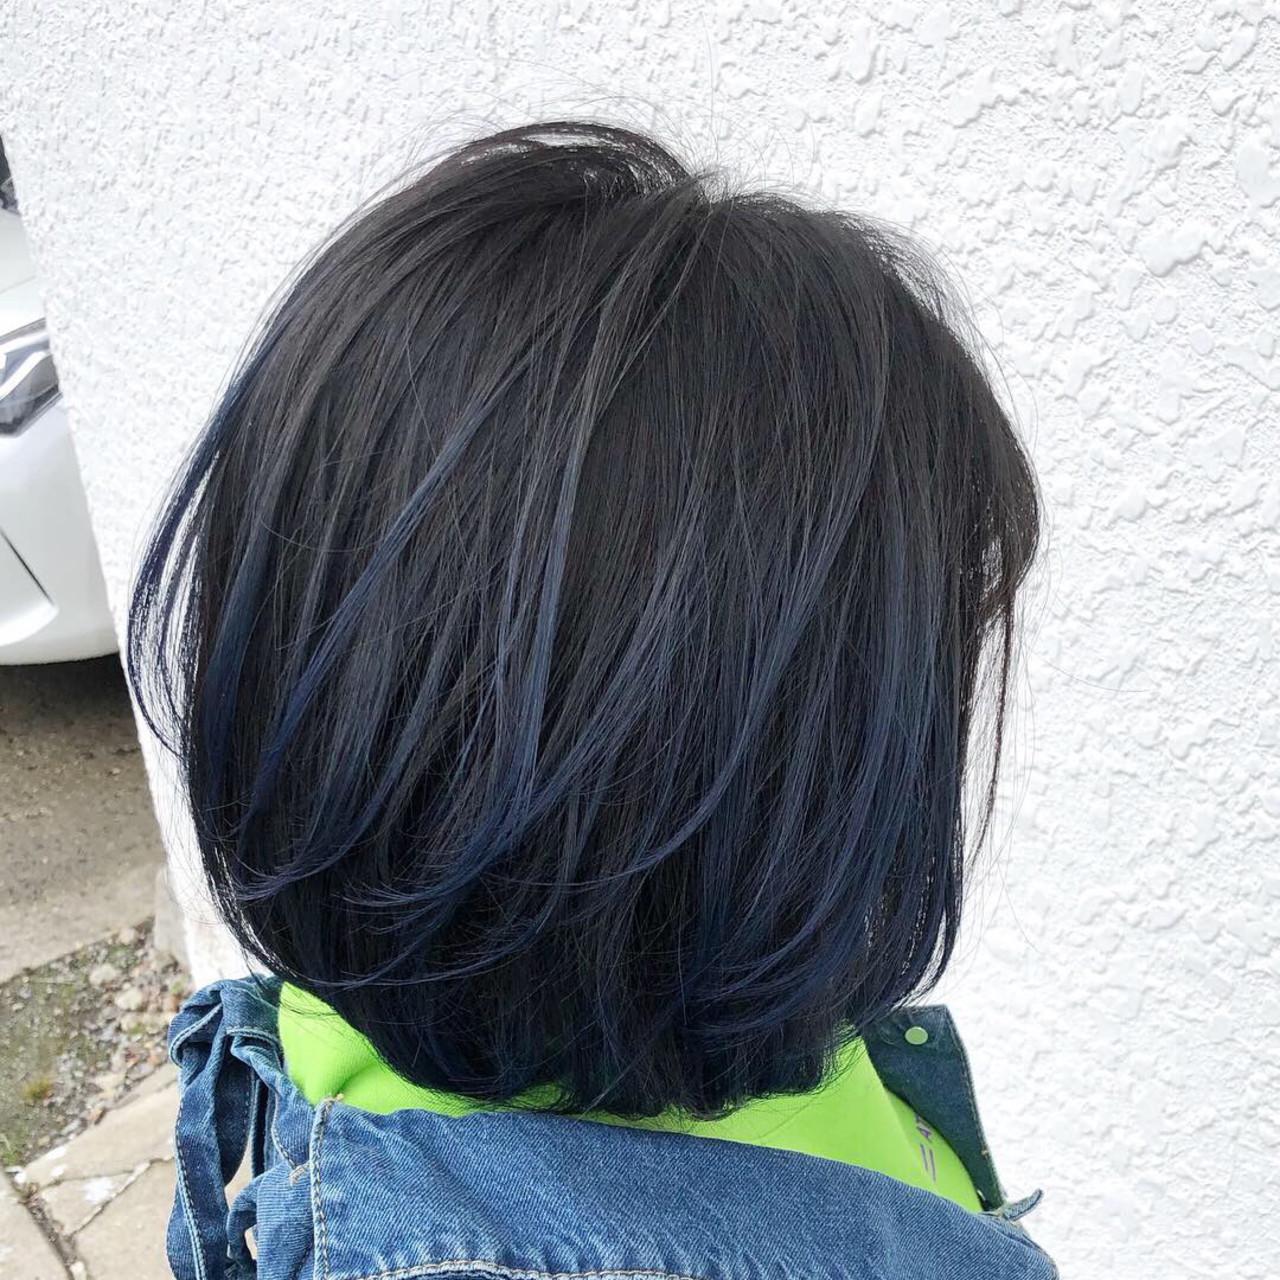 ボブ ブリーチ バレイヤージュ フェミニン ヘアスタイルや髪型の写真・画像